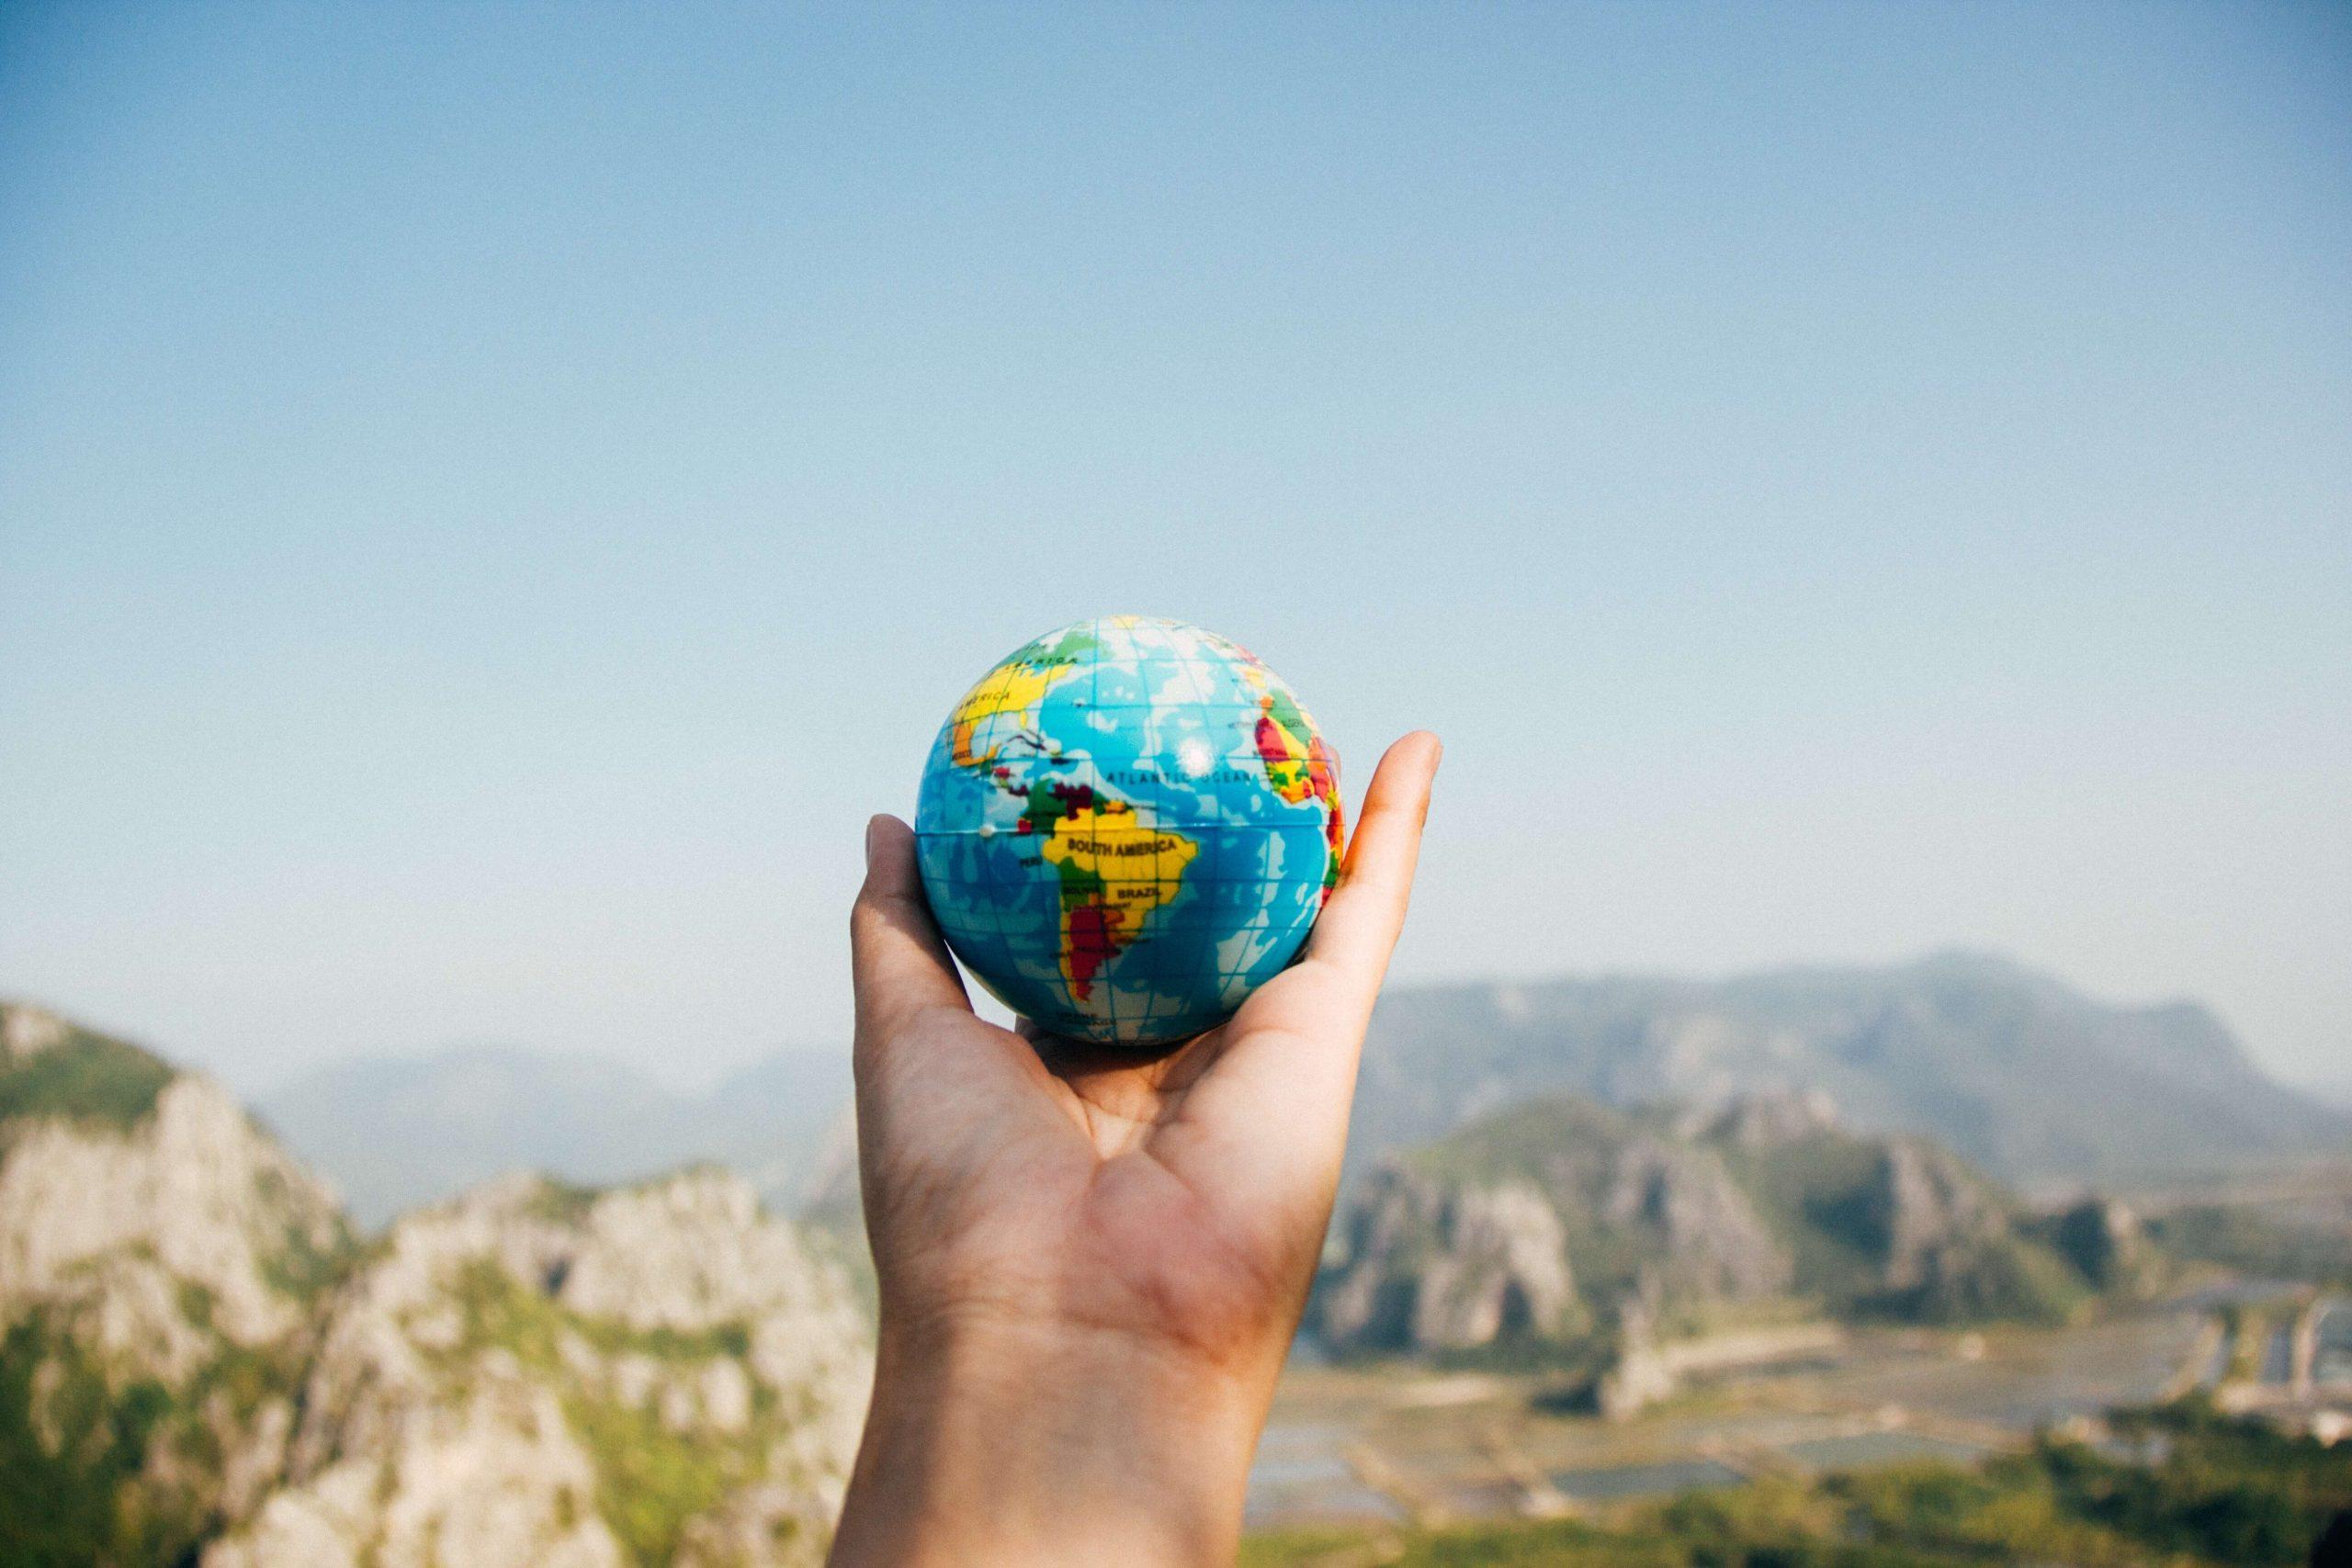 Imagen de una mano sosteniendo una bola del mundo